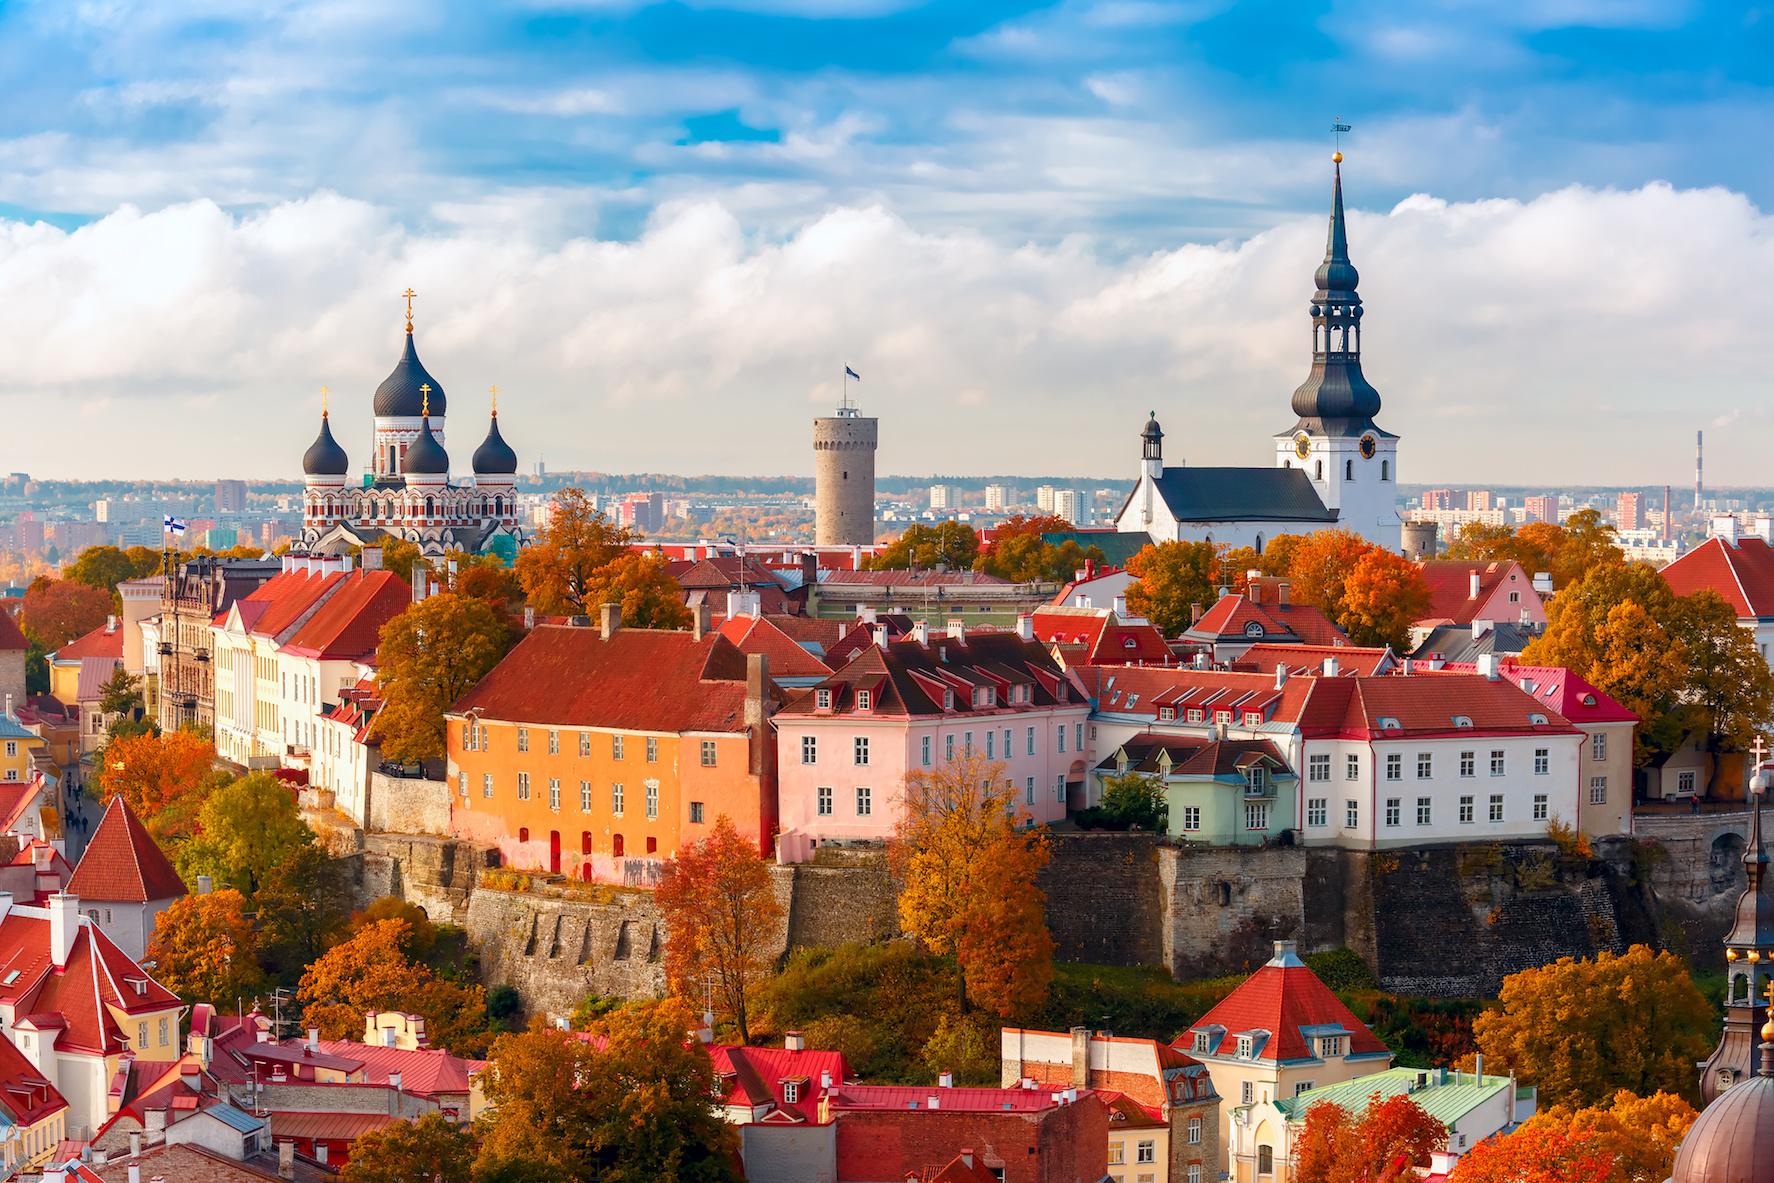 電子政府とは?IT最先端を行く東欧の小国エストニア